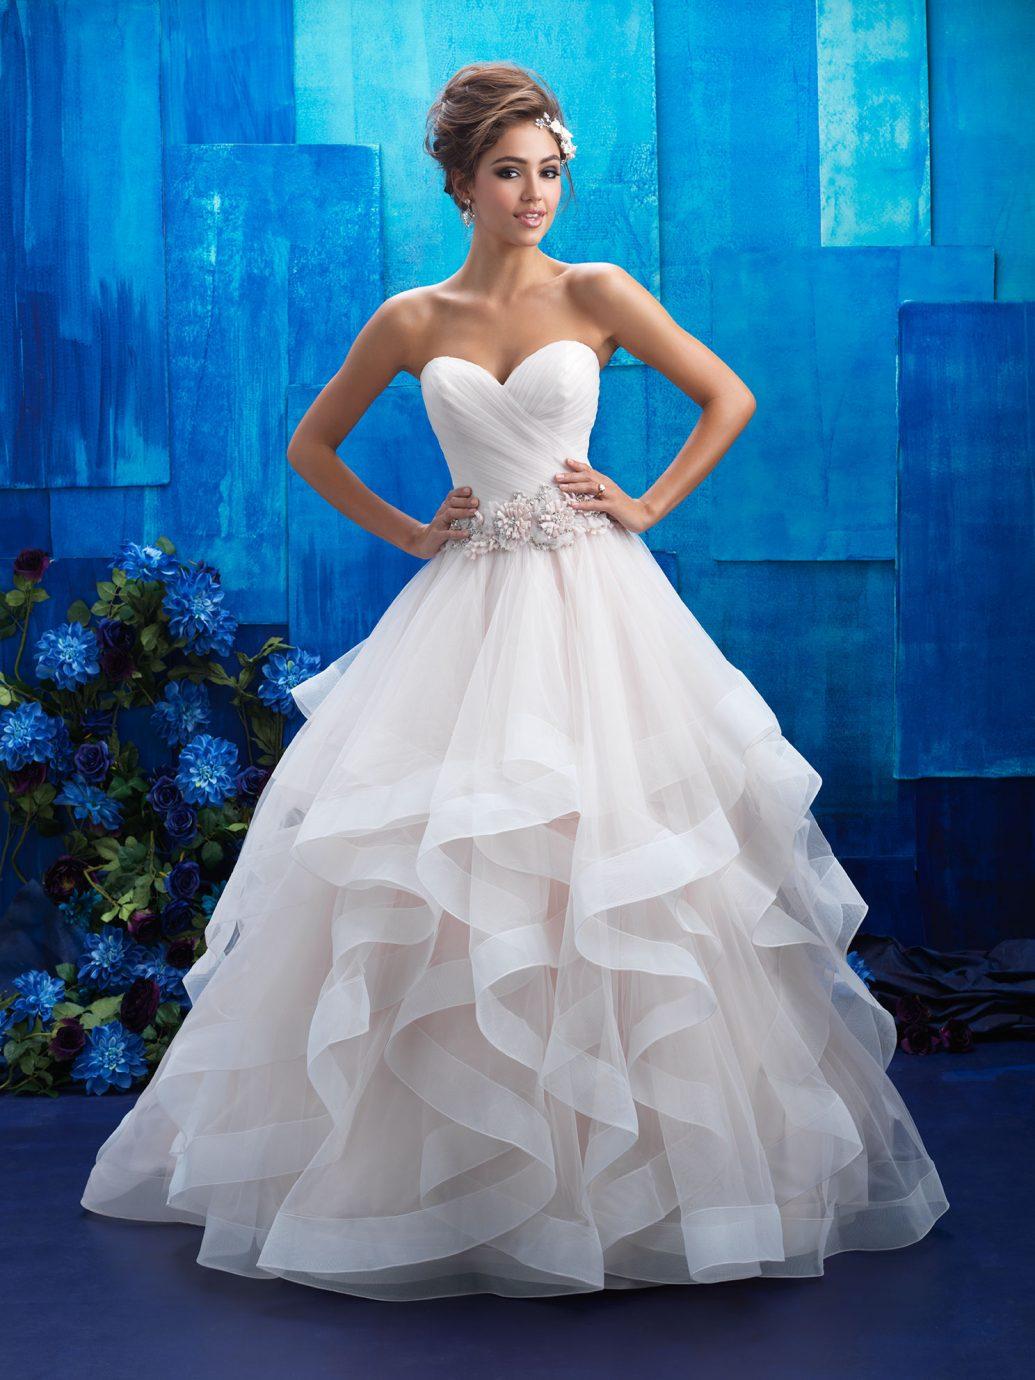 Pántnéküli Allure Bridals menyasszonyi ruha, nagy fodrokkal.